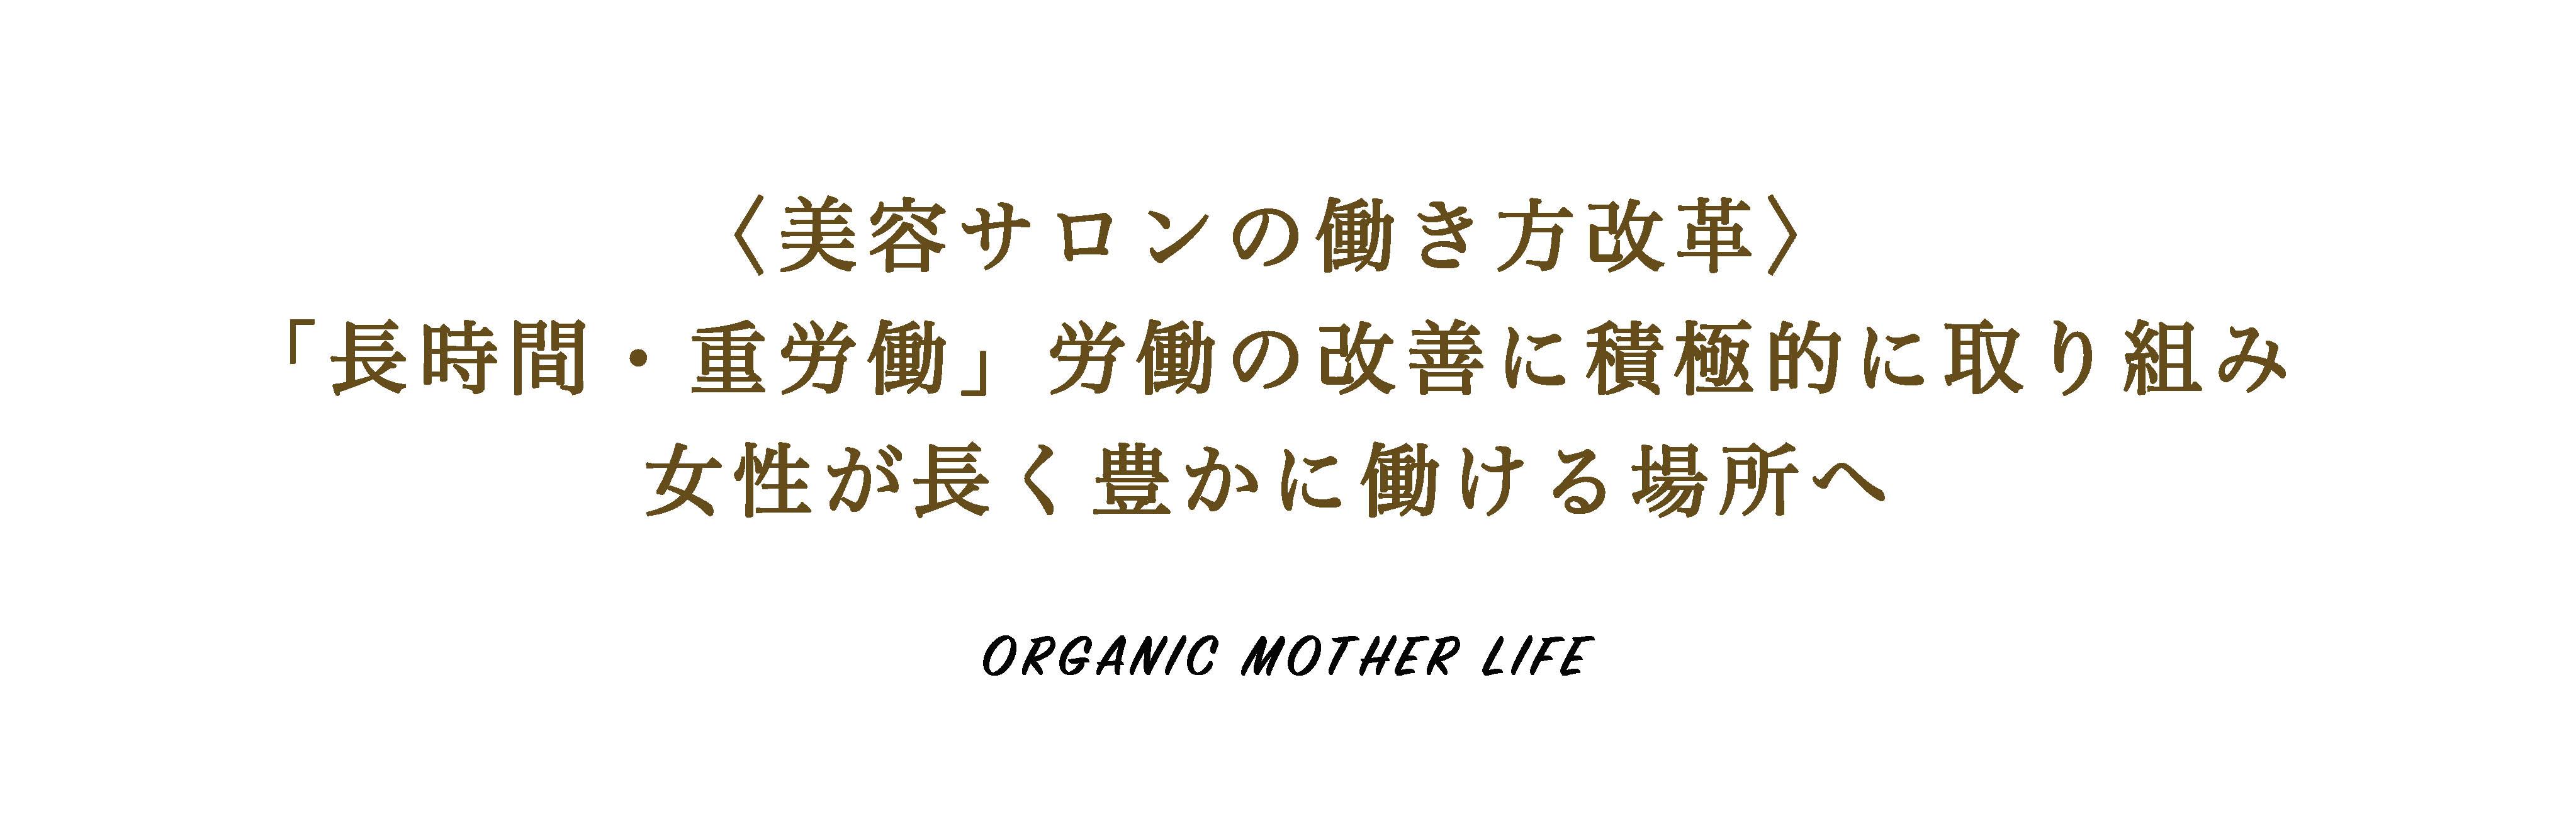 オーガニックマザーライフ福利厚生10